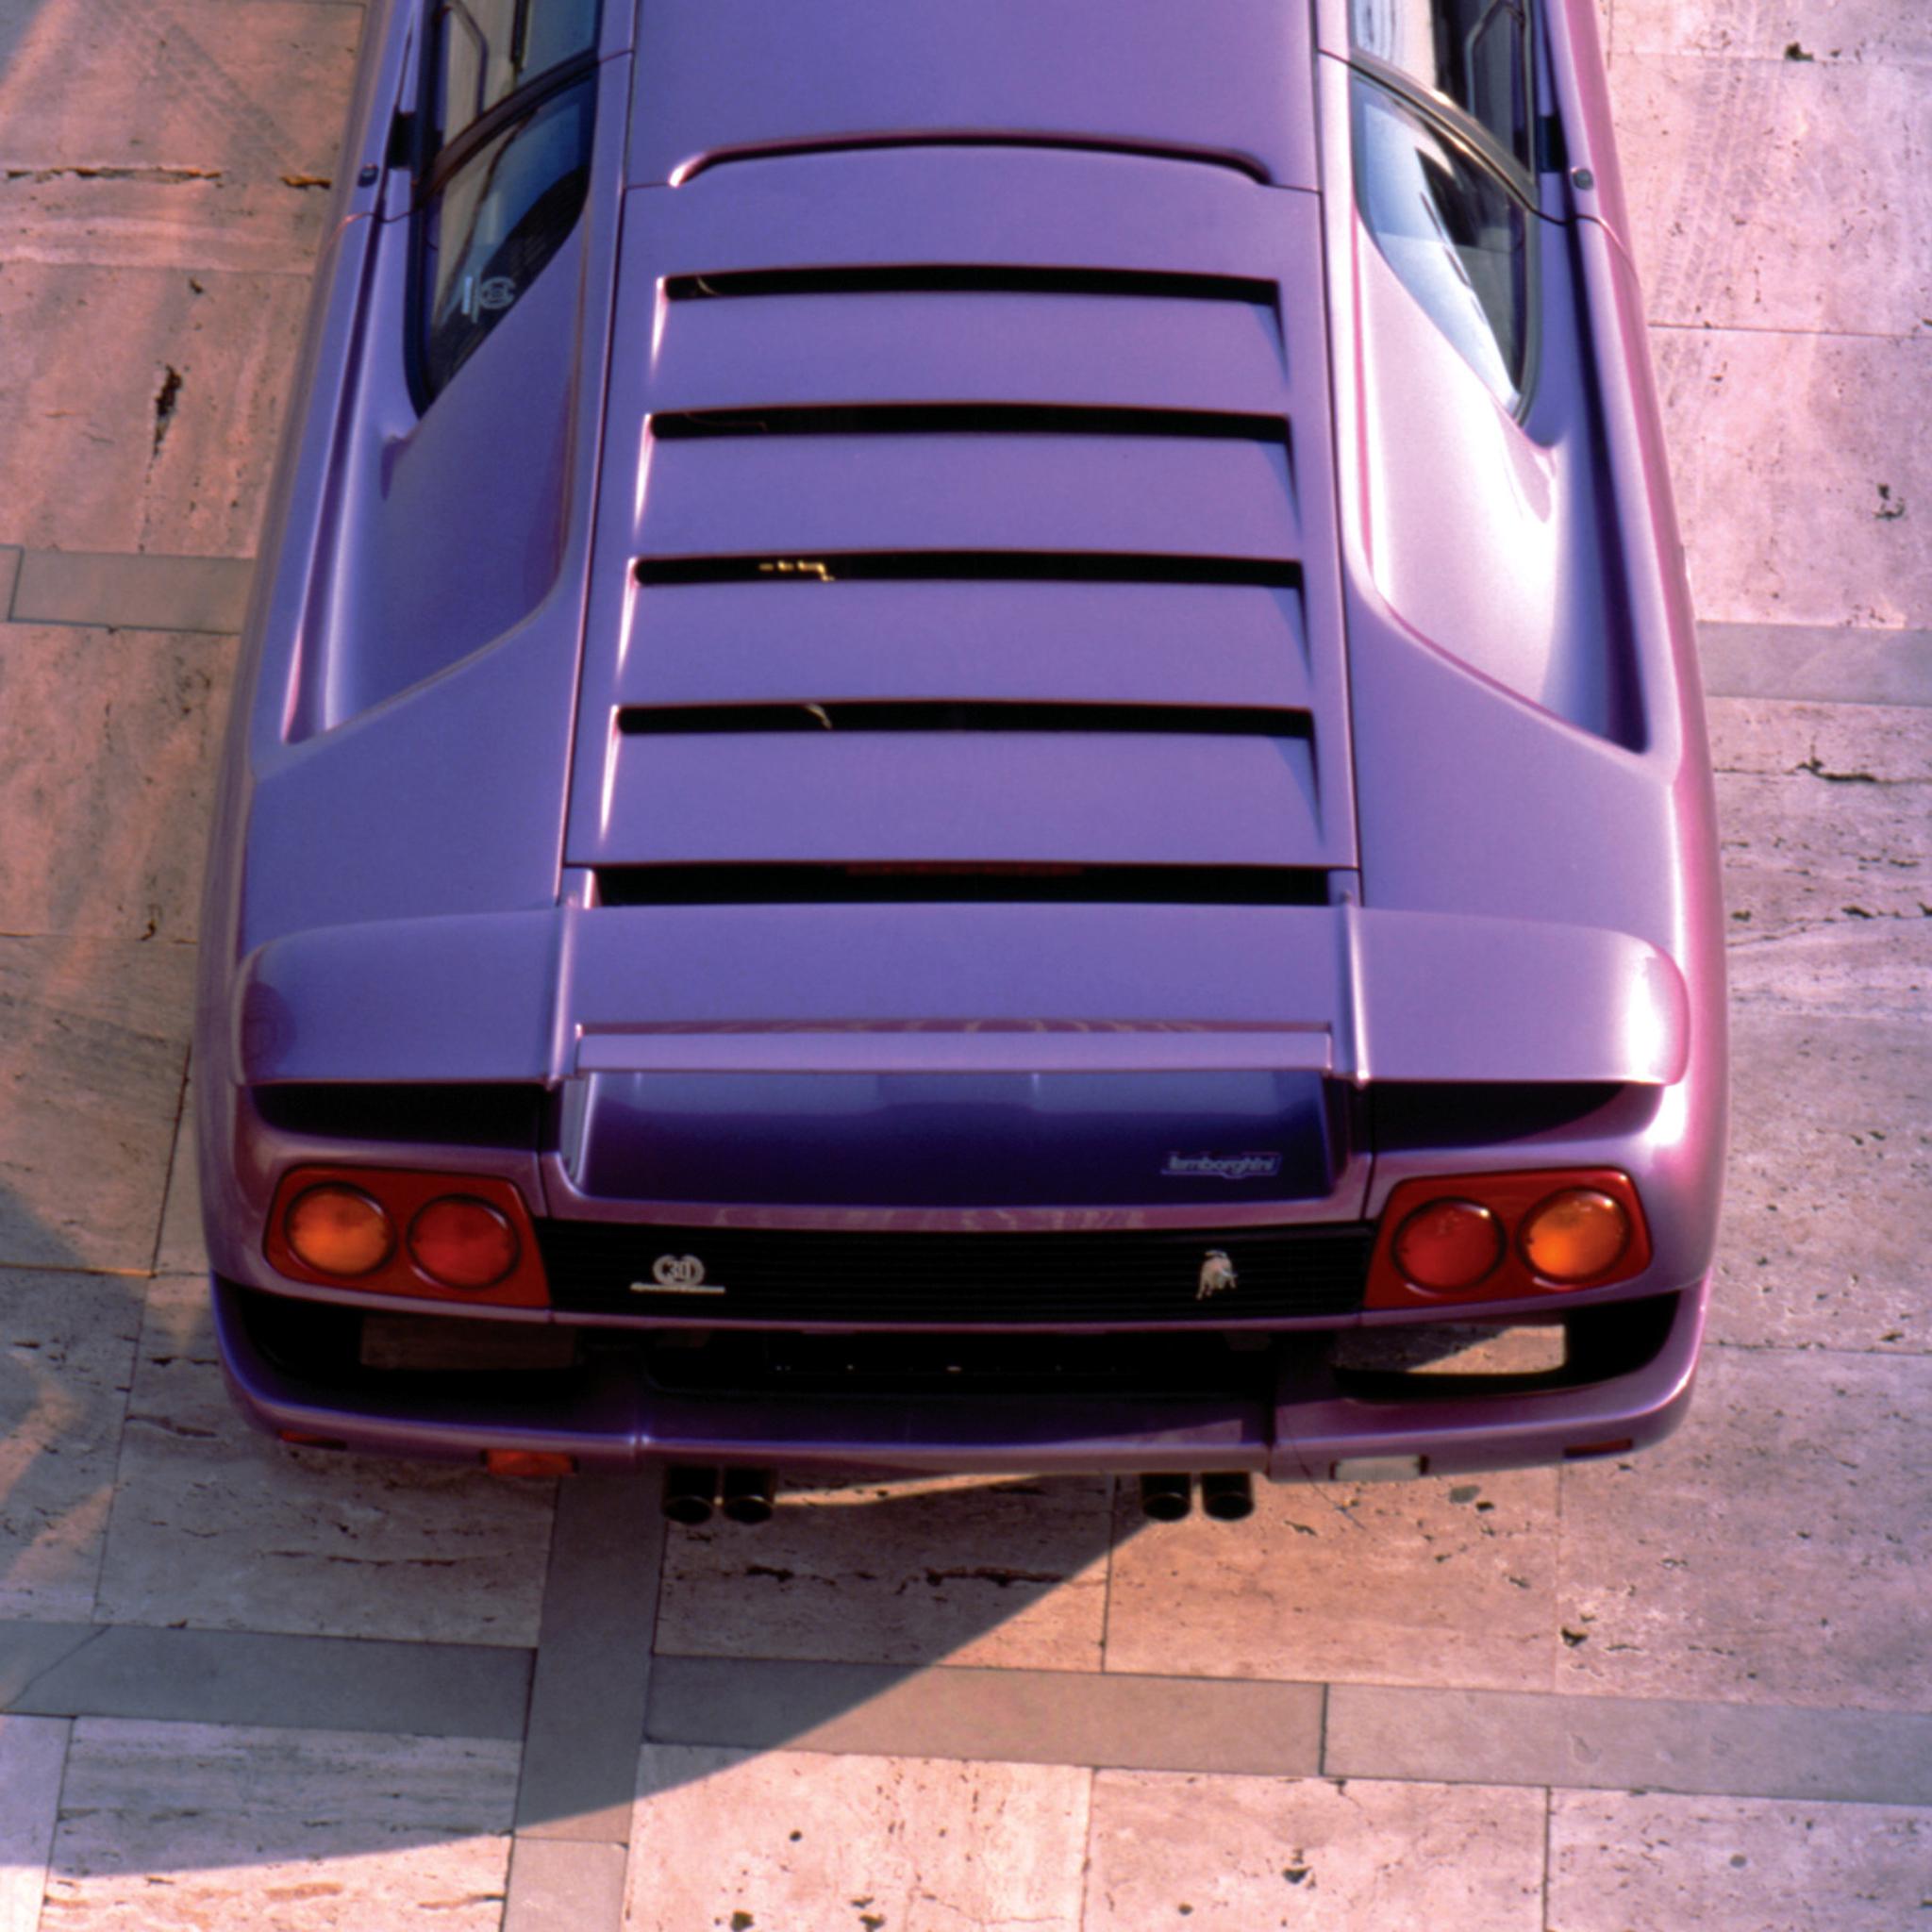 2048x2048 Lamborghini Diablo Se30 Ipad Air Hd 4k Wallpapers